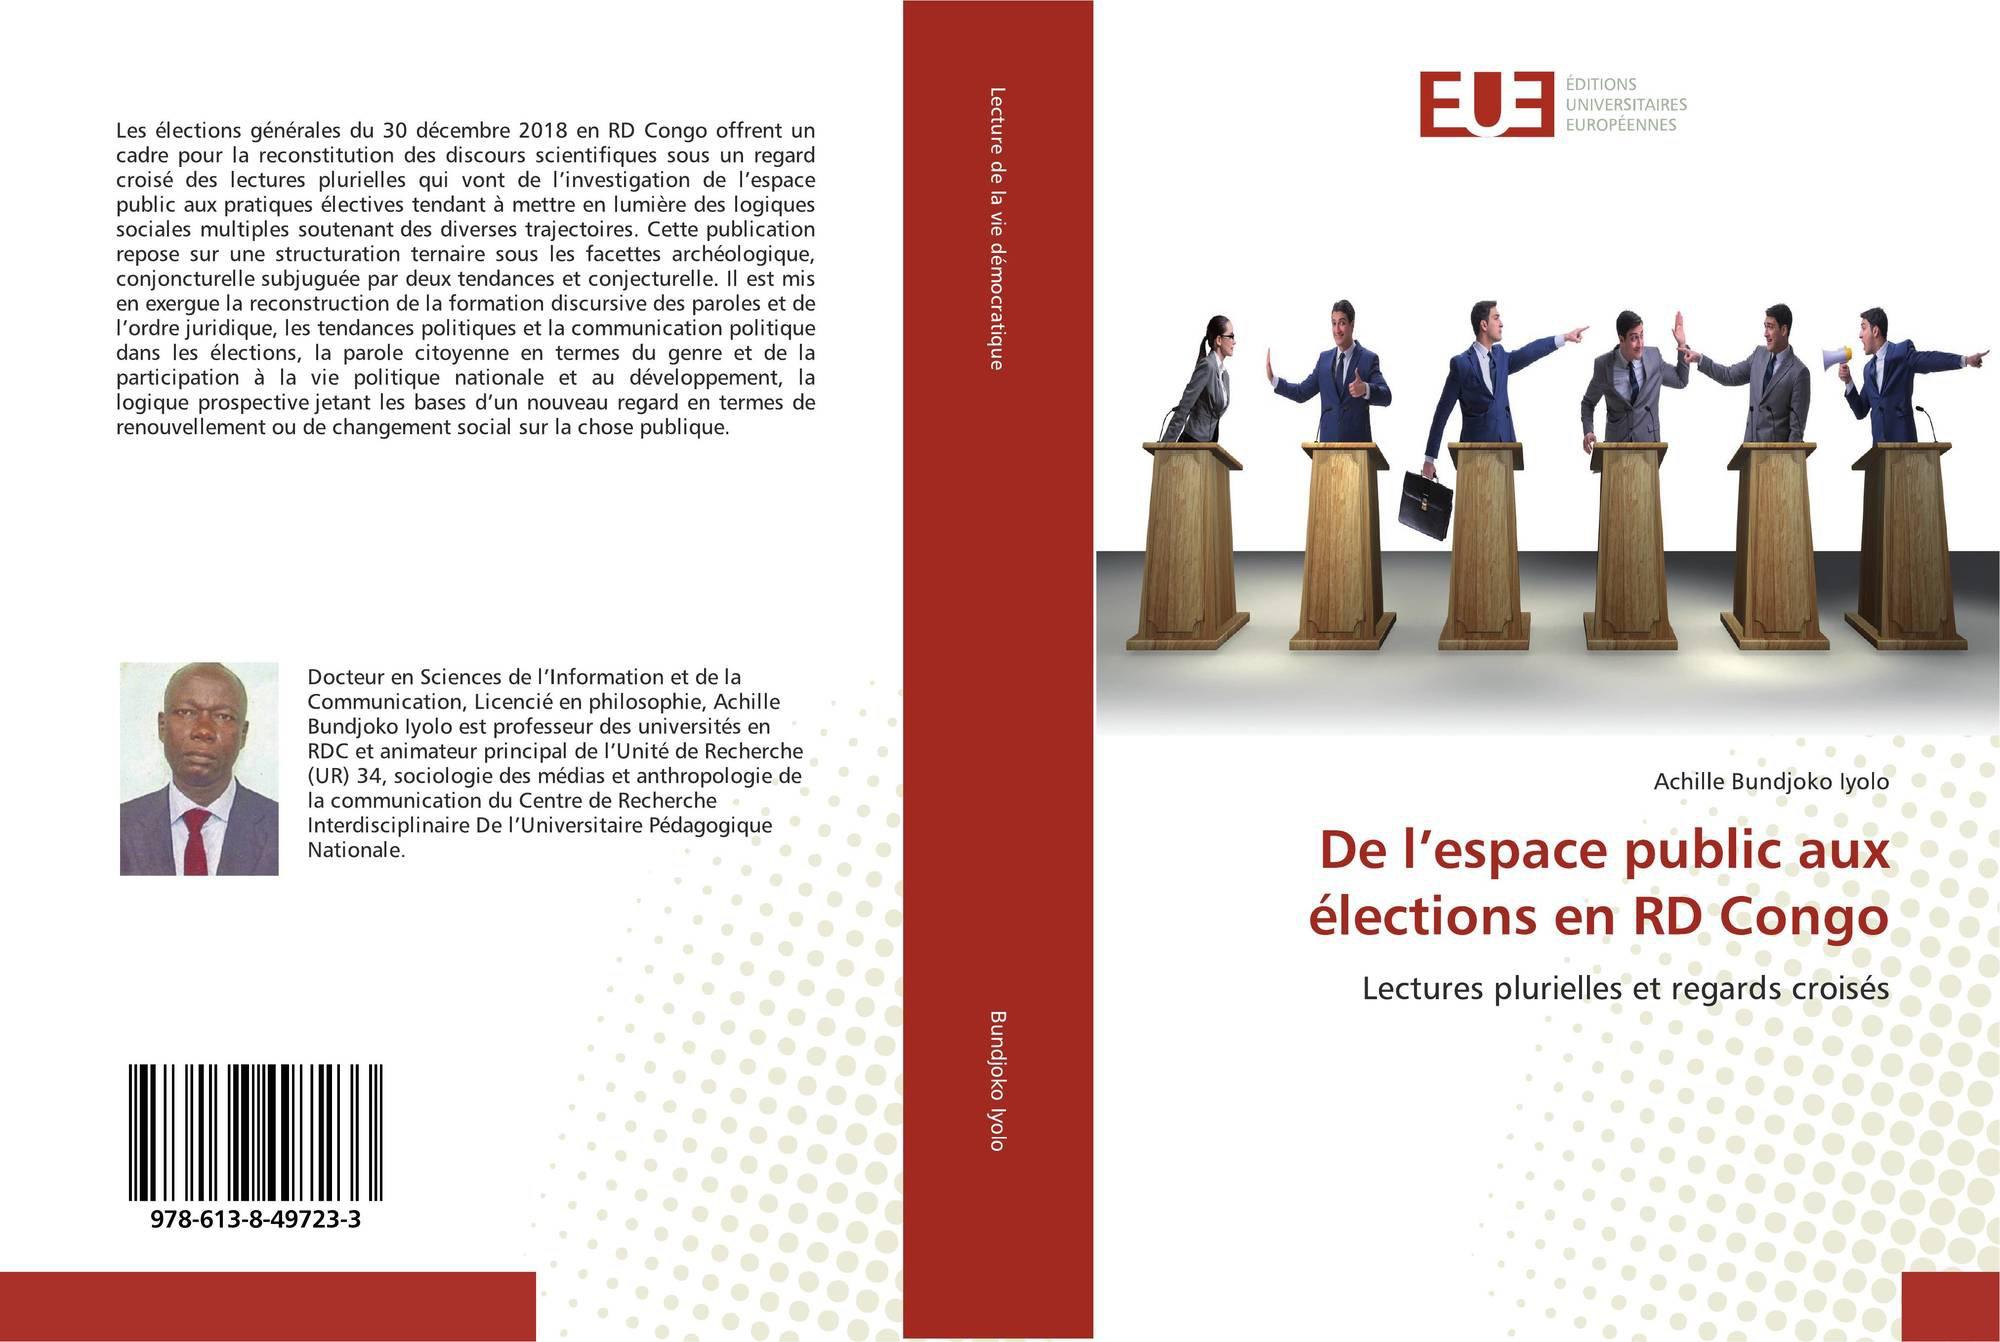 Auteur à succès,Le Professeur Achille Bundjoko publie deux nouveaux ouvrages! 1